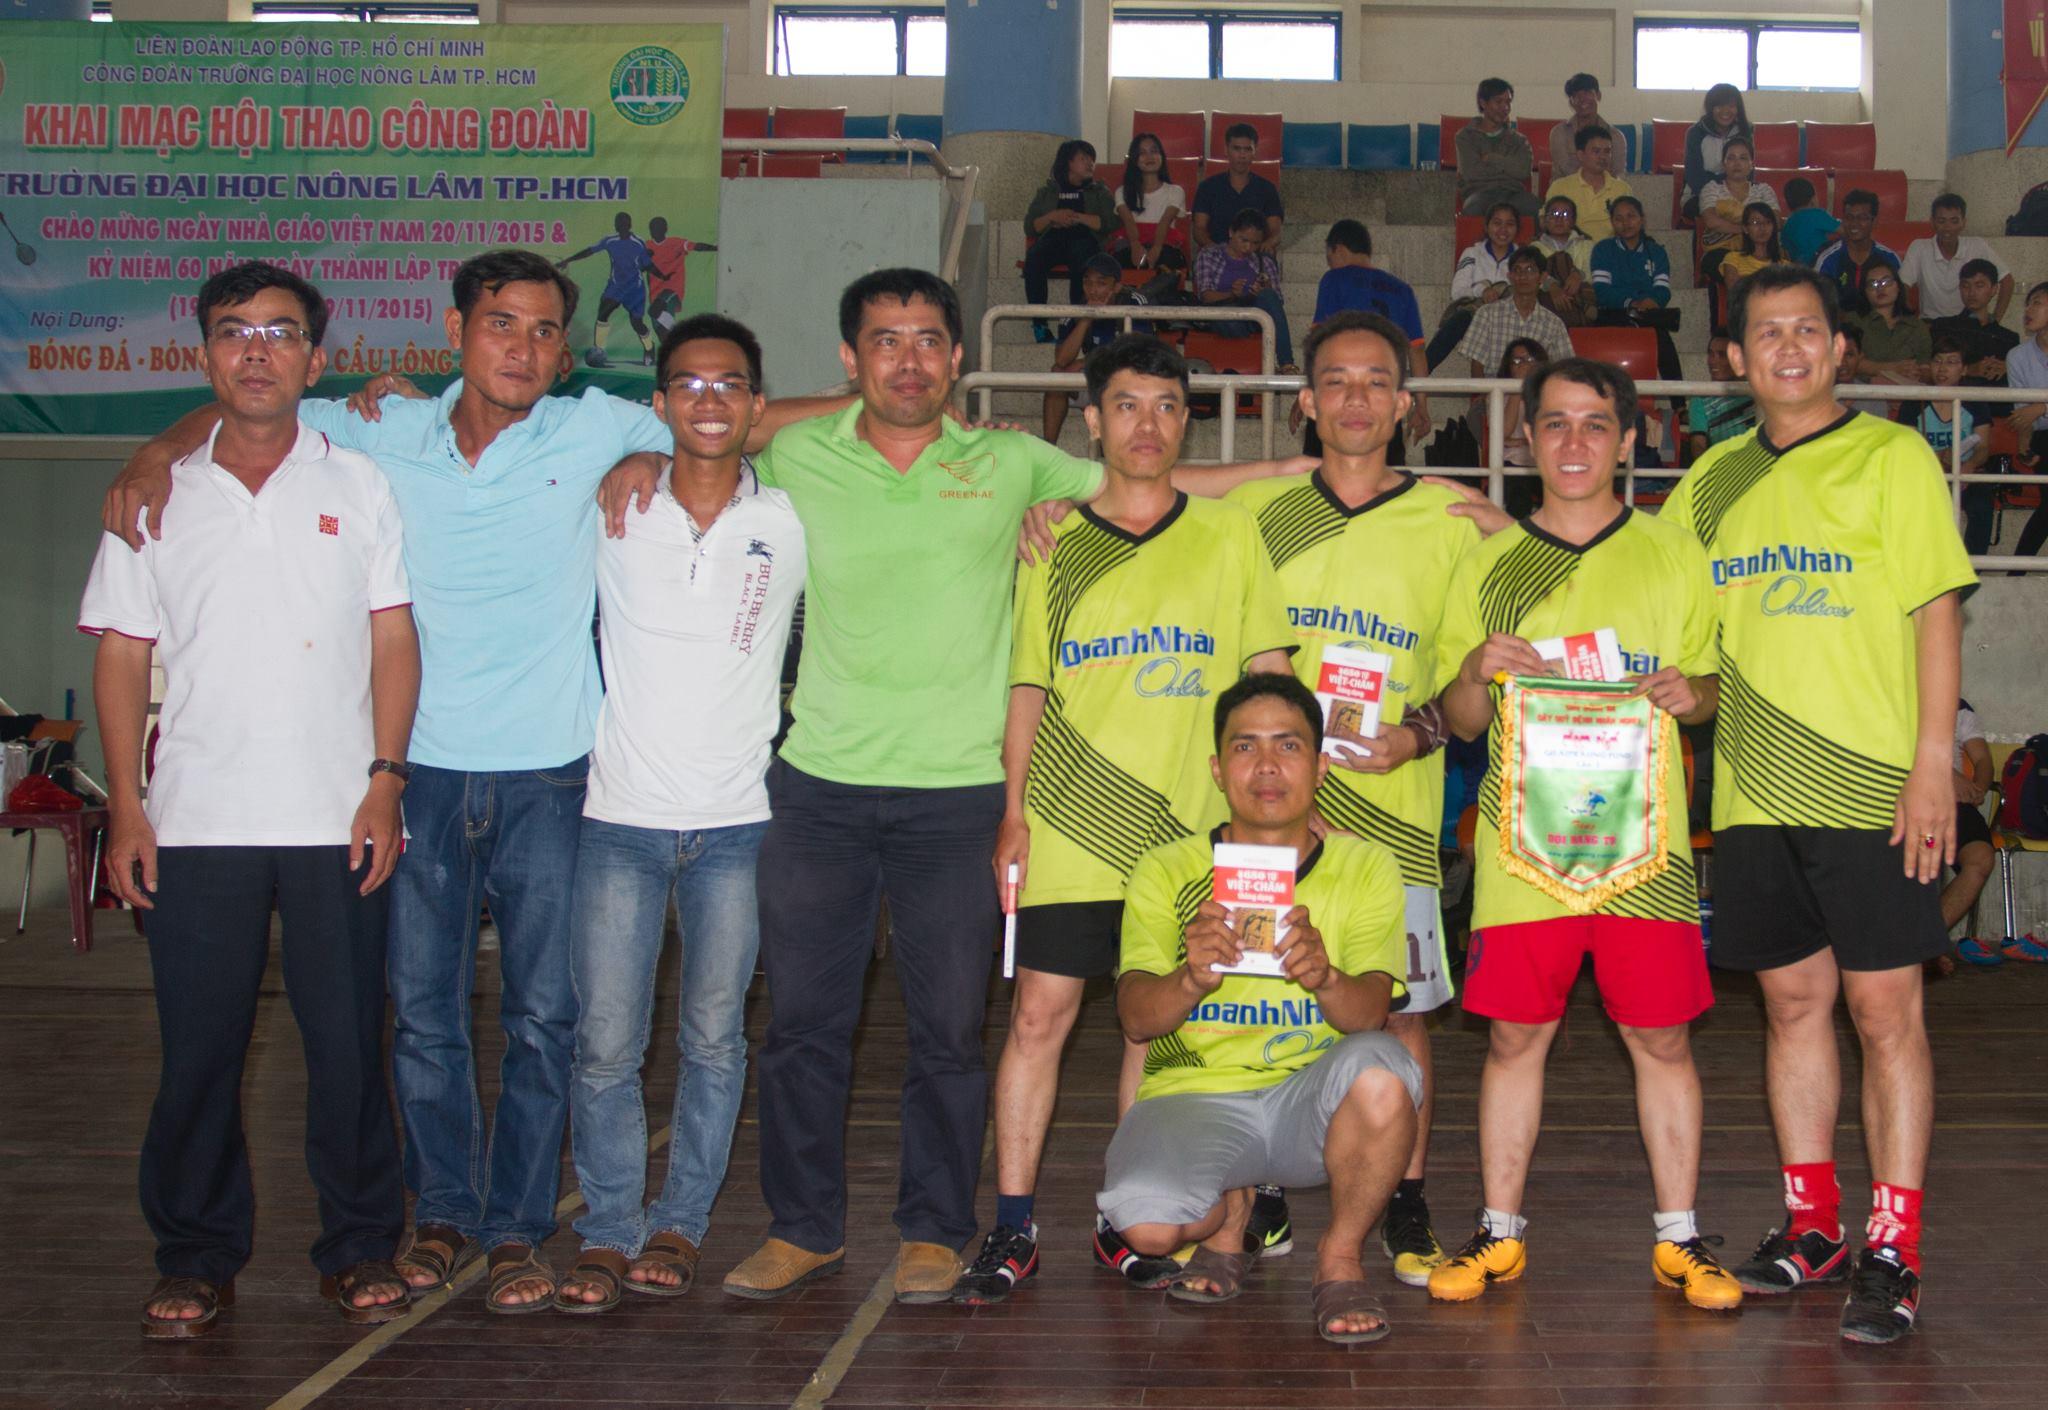 Đội hạng tư: Cựu Sinh Viên